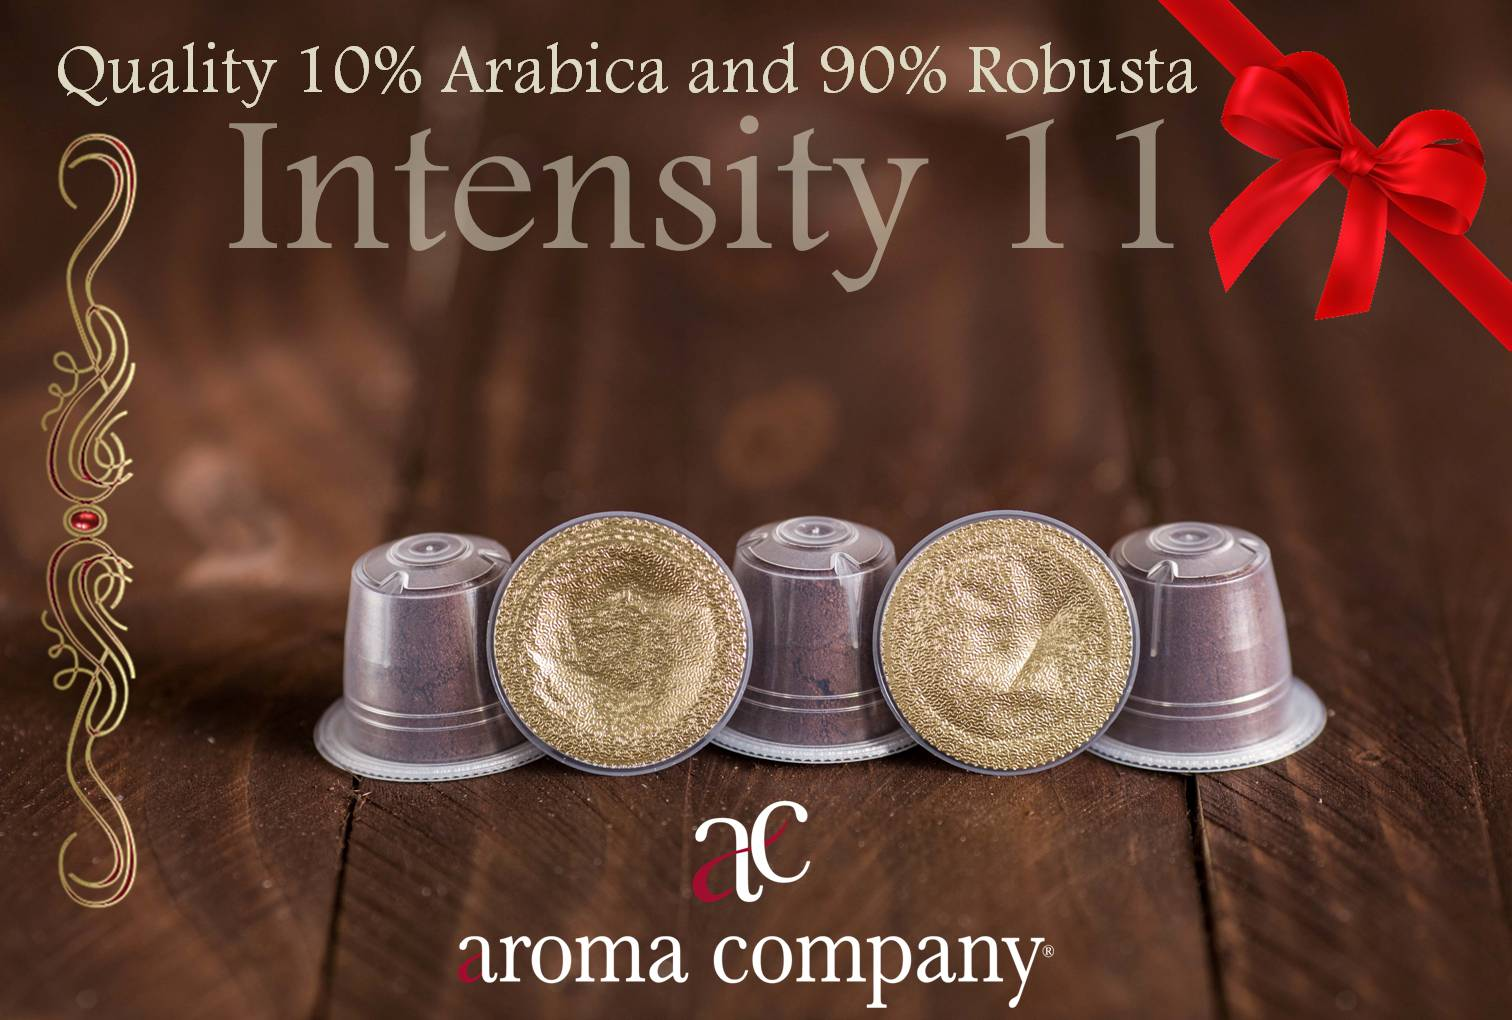 Sole di Napoli Aroma Company quality of espresso